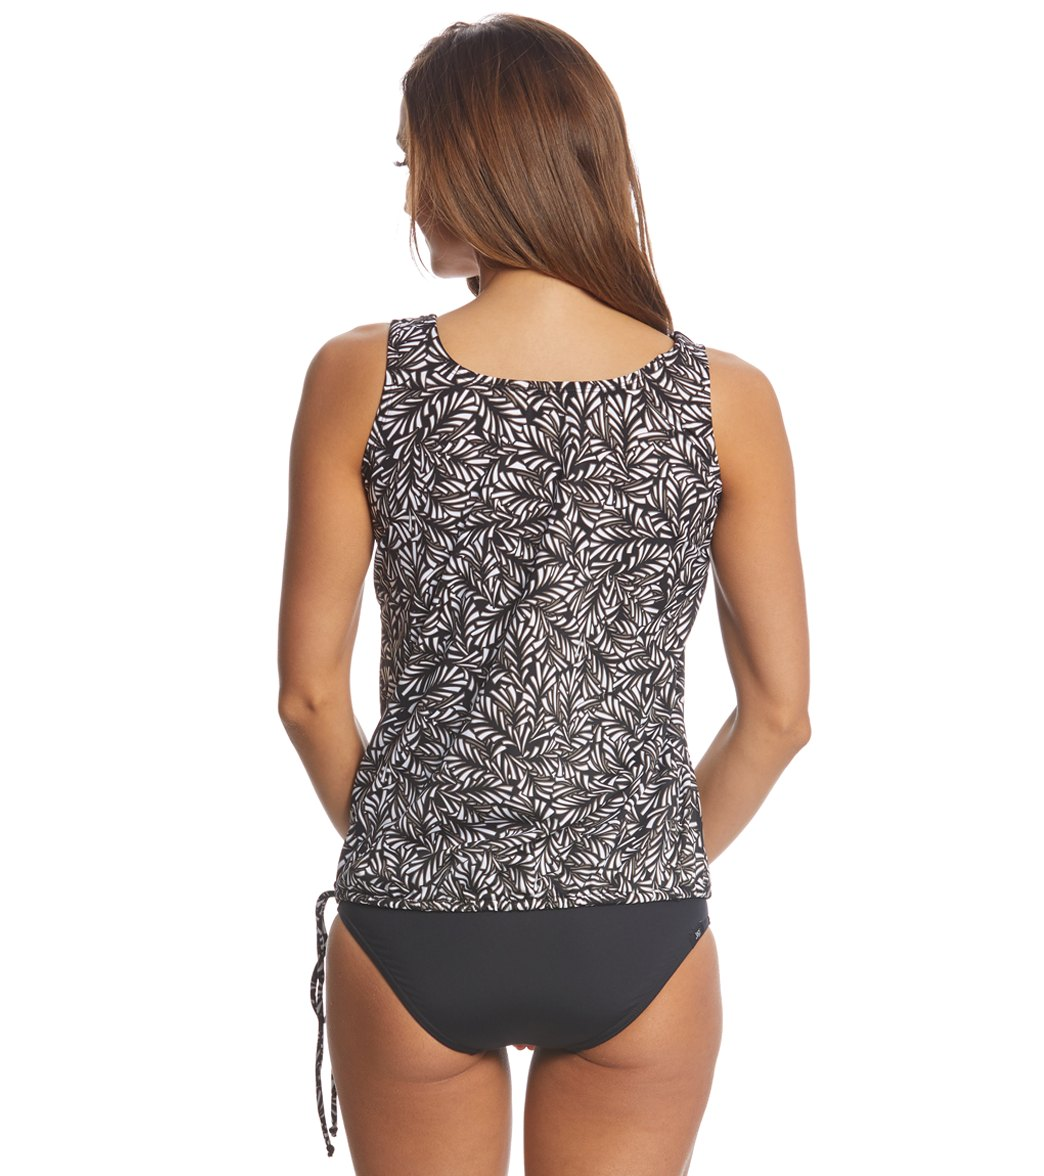 75ec12f2bbf3b Topanga Mastectomy Black   Tan Wear Your Own Bra Tankini Top at ...